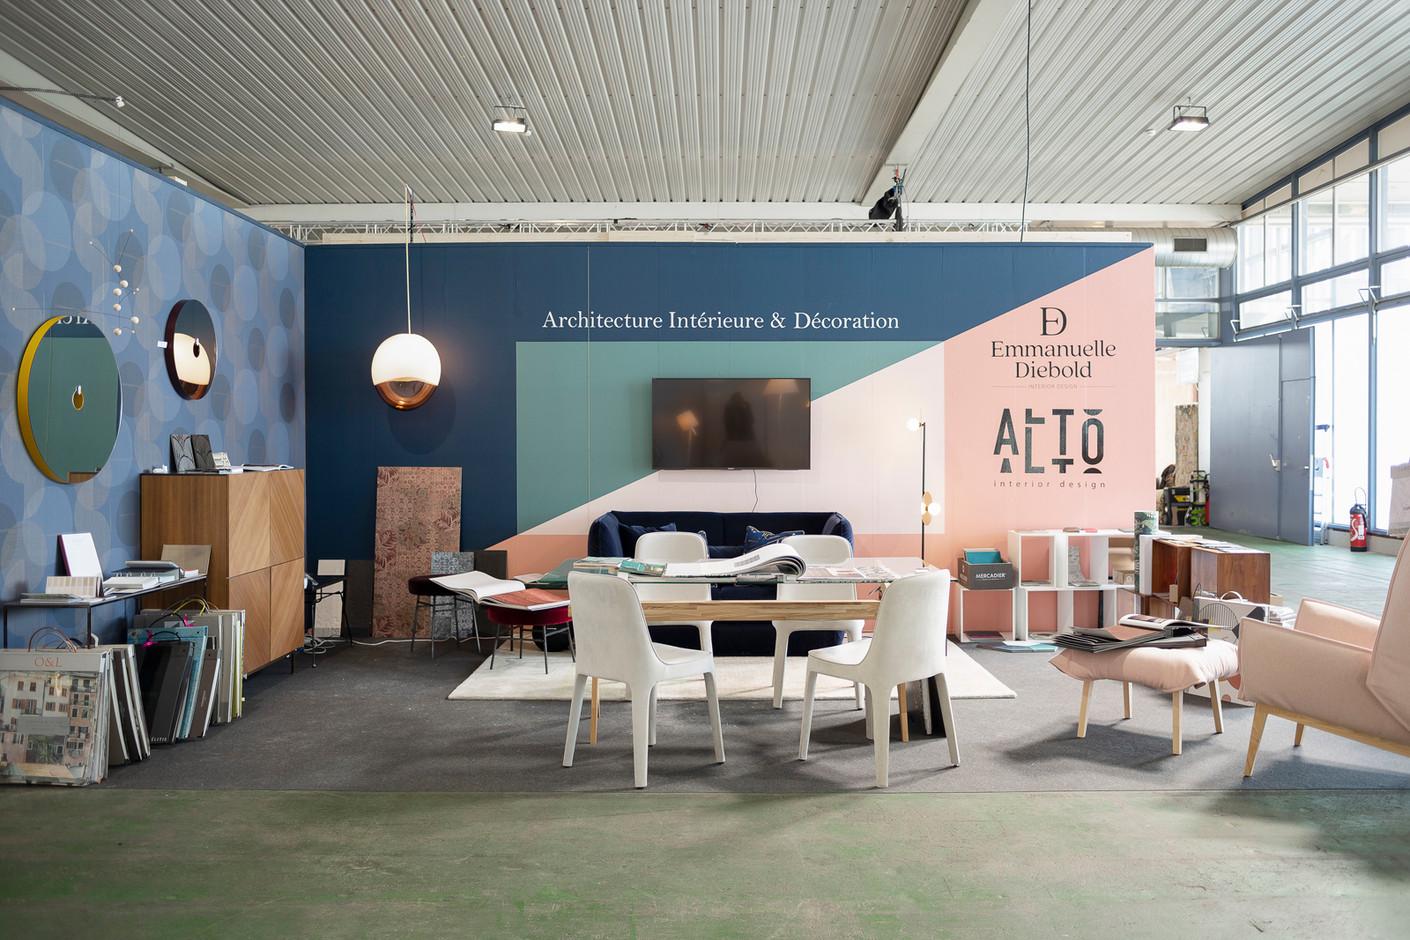 Emmanuelle Diebold + Alto Interior Design